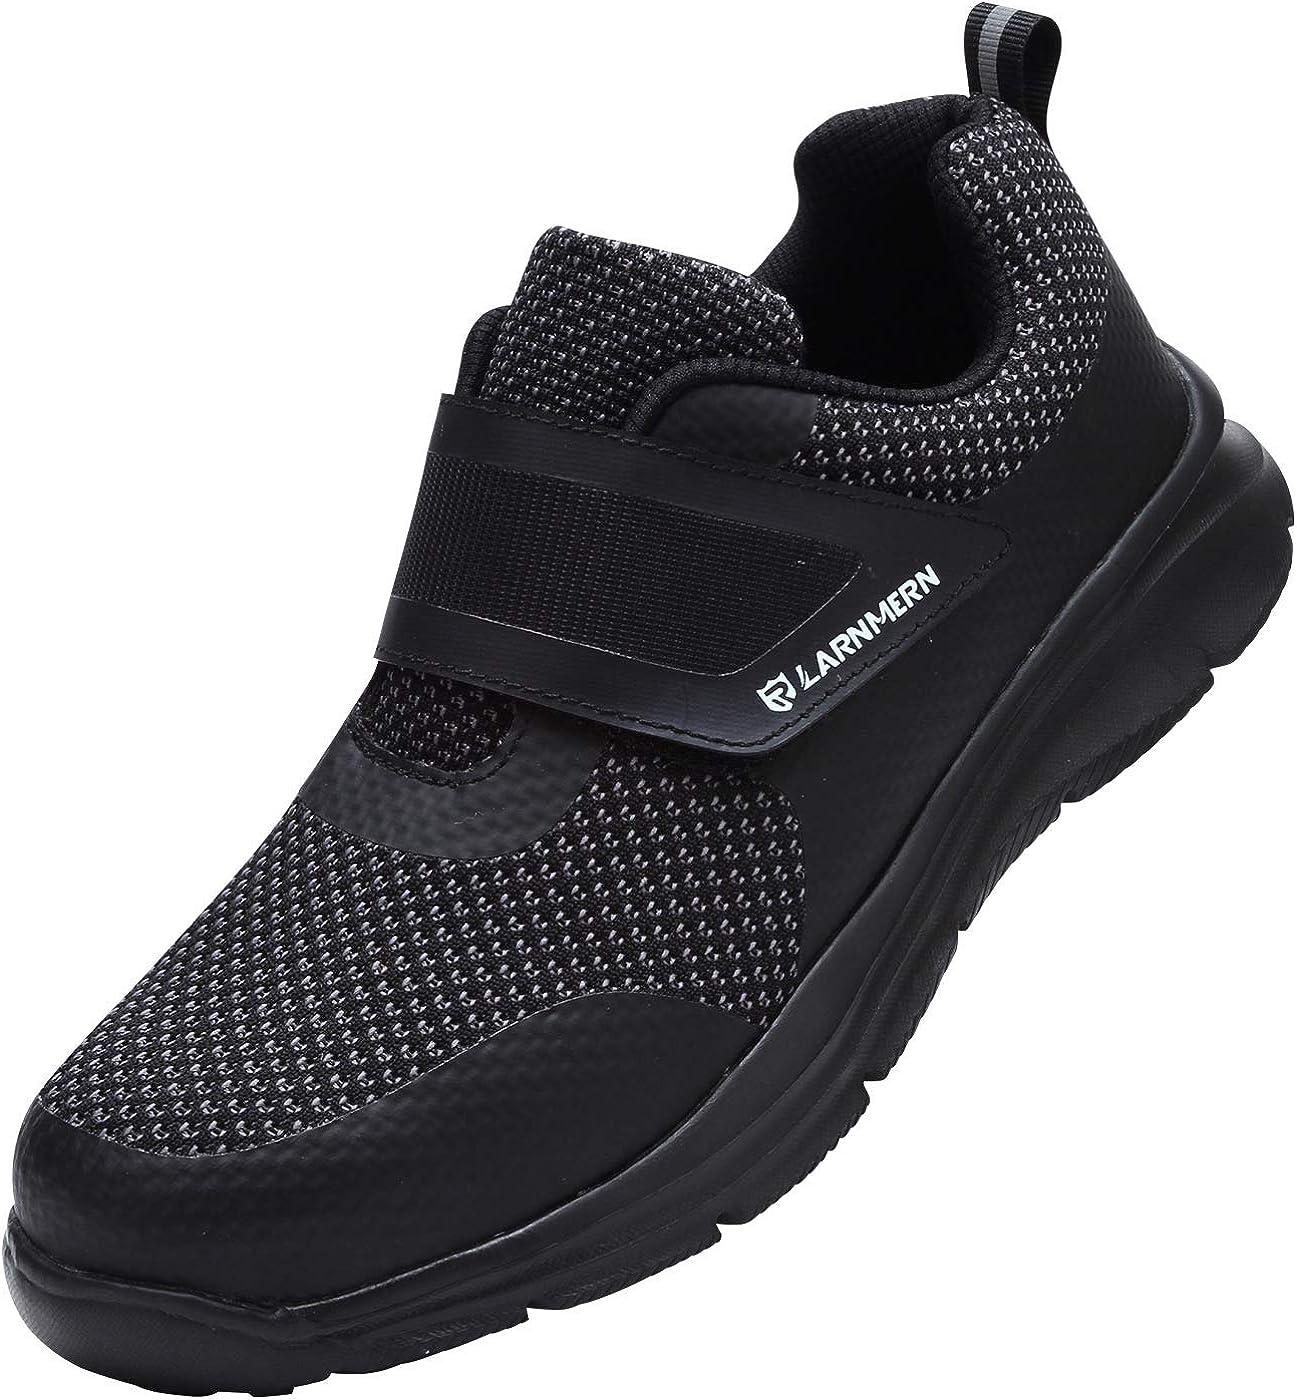 LARNMERN Sicherheitsschuhe Herren Stahlkappe Arbeitsschuhe S1 Antistatisch SRC rutschfest Bequem Industrie Sneaker Schutzschuhe